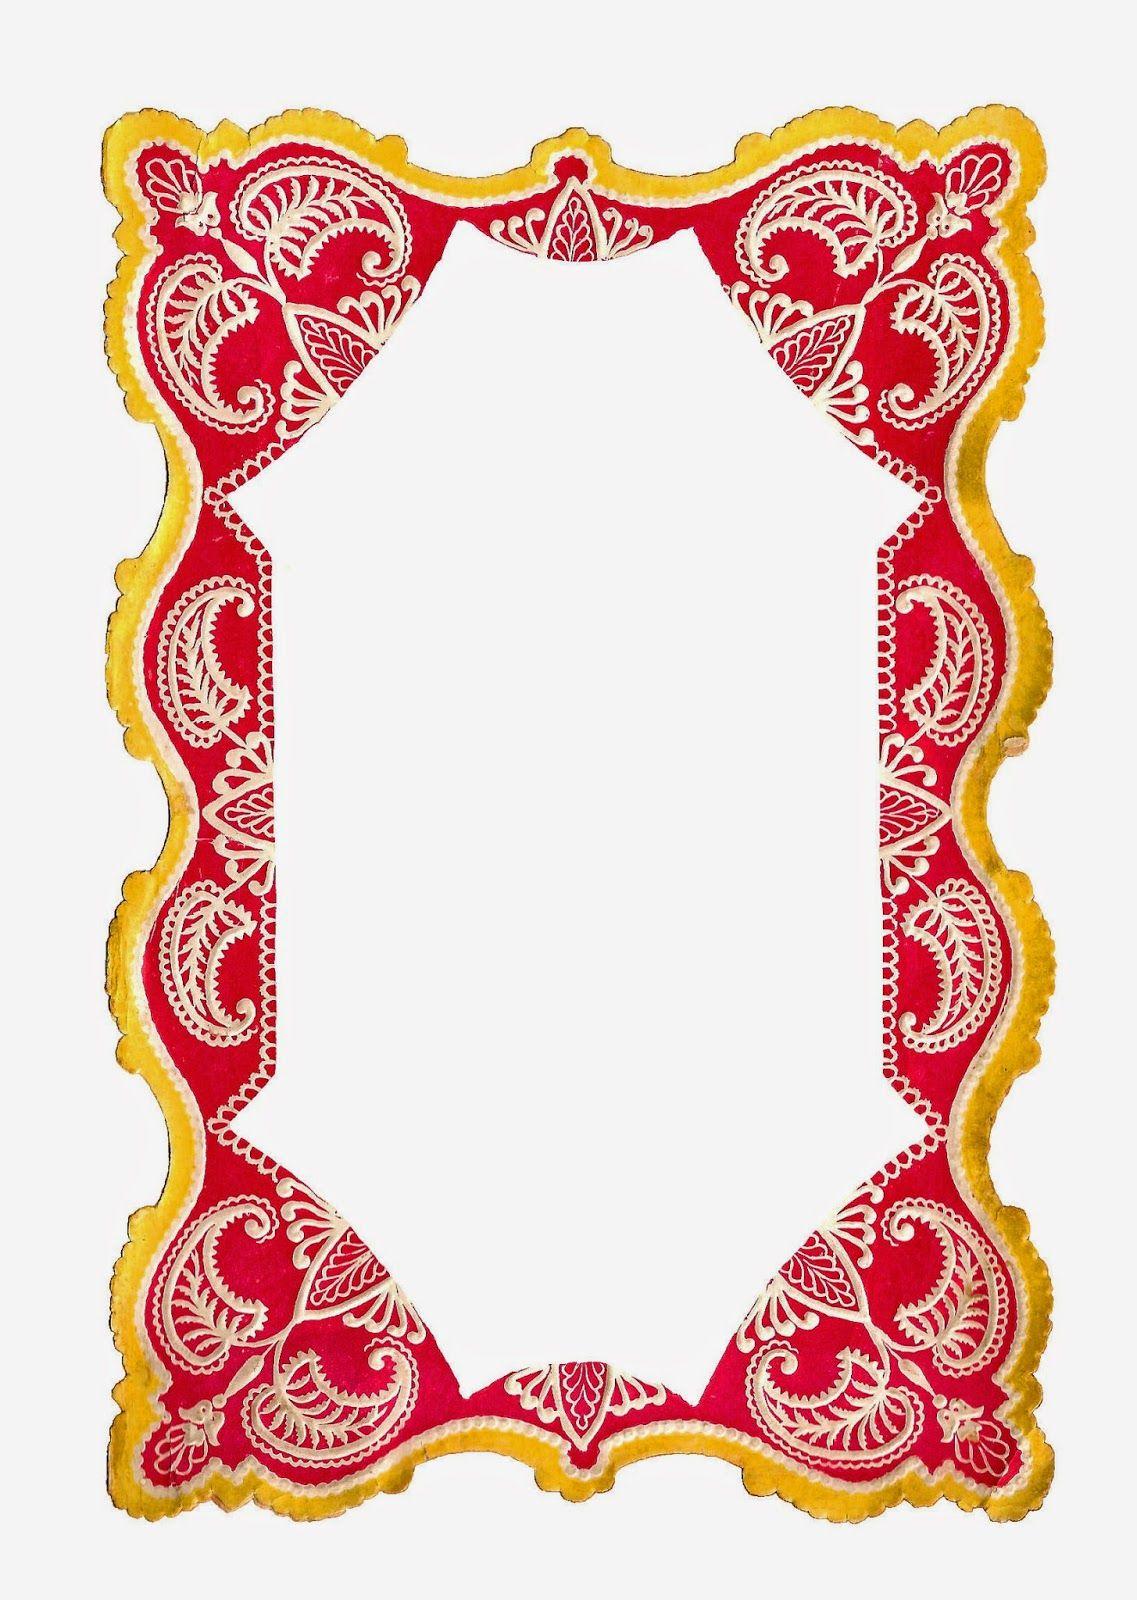 Antique Images: frame clip art   frame design   Pinterest   Clip art ...